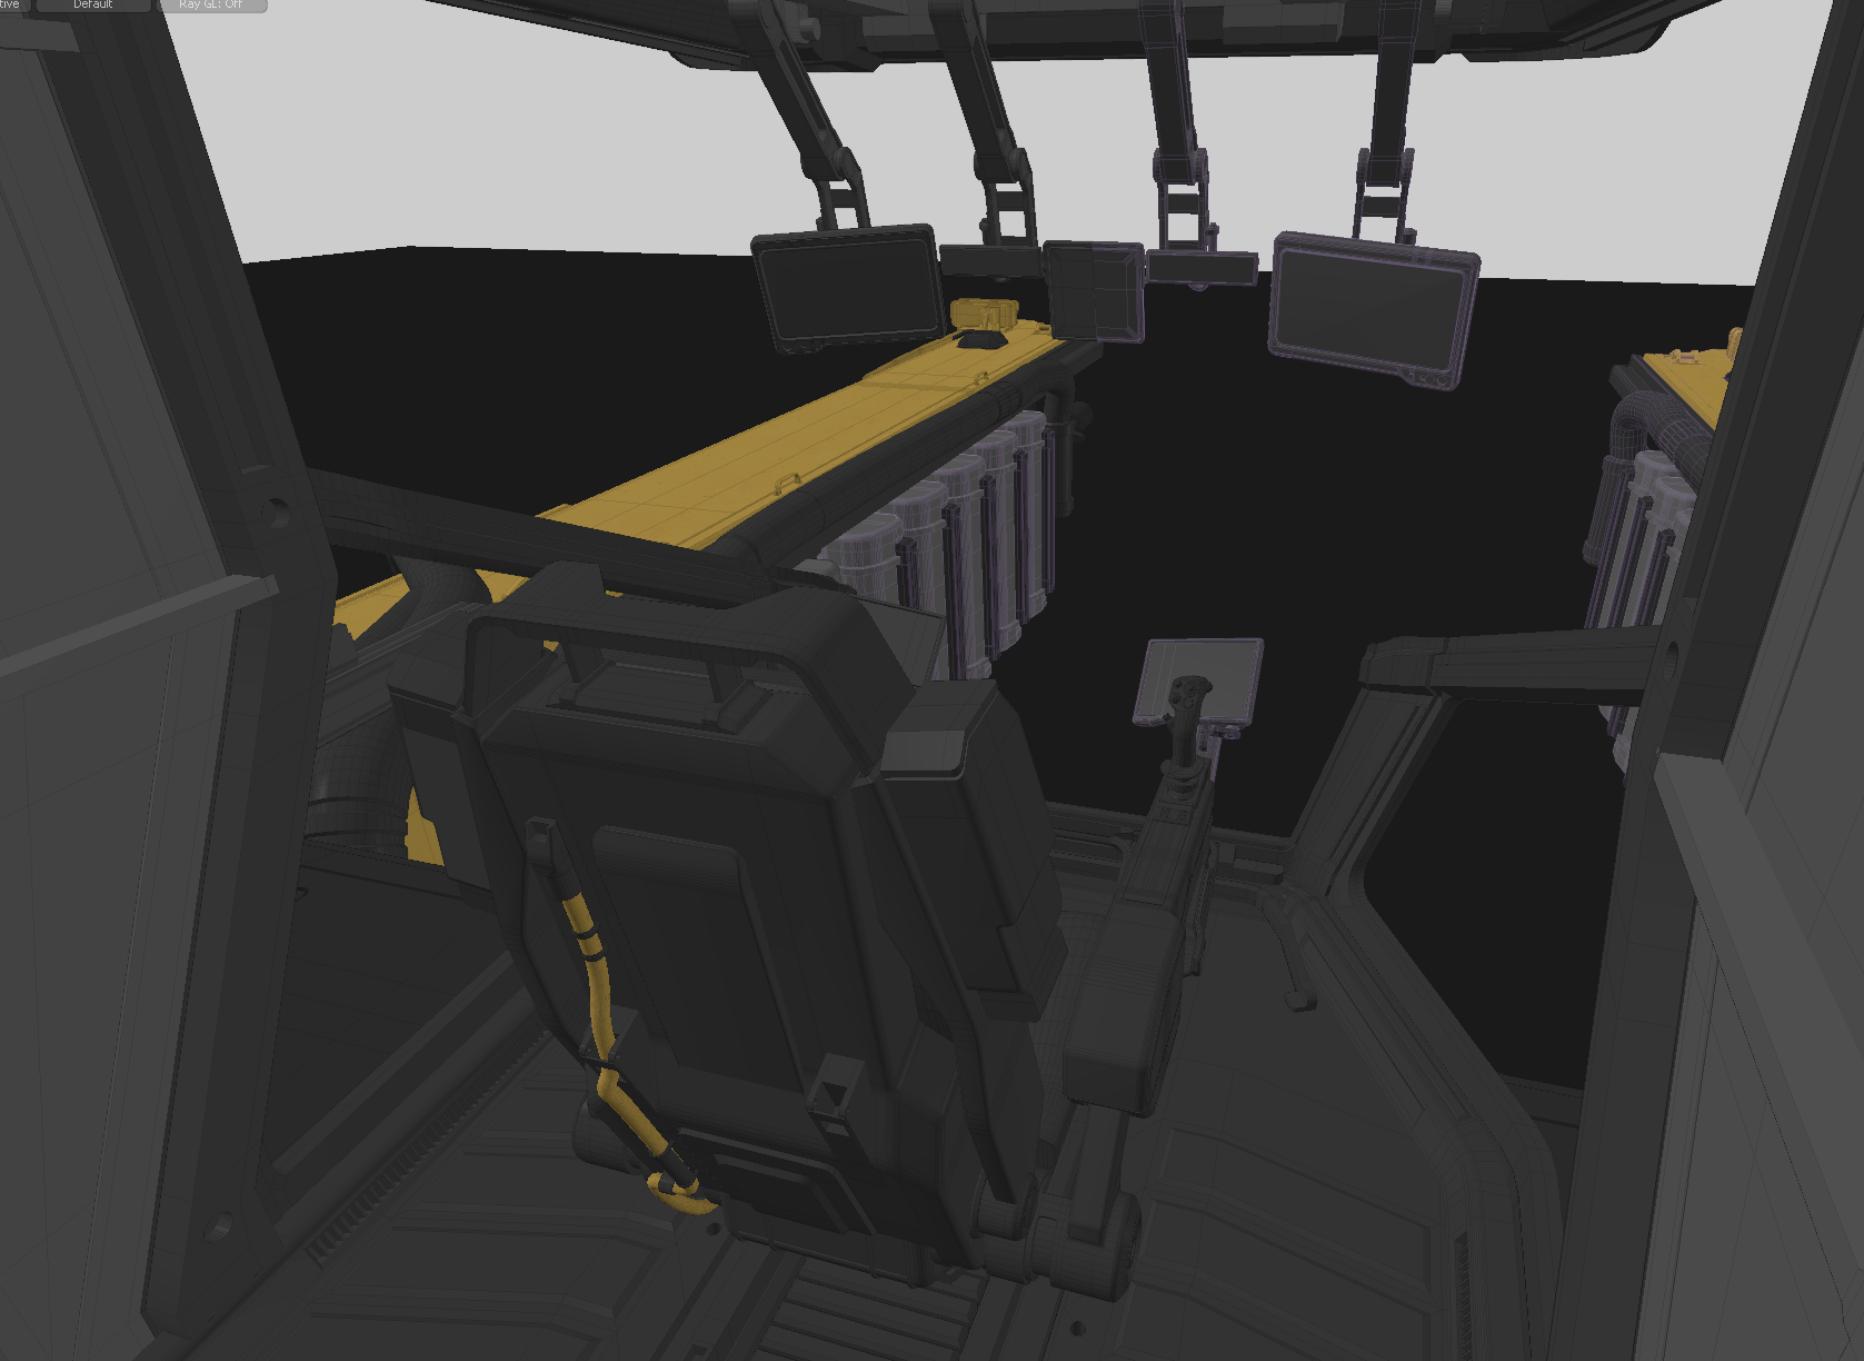 SC-Vulture-Vault-Concept-A-8.png